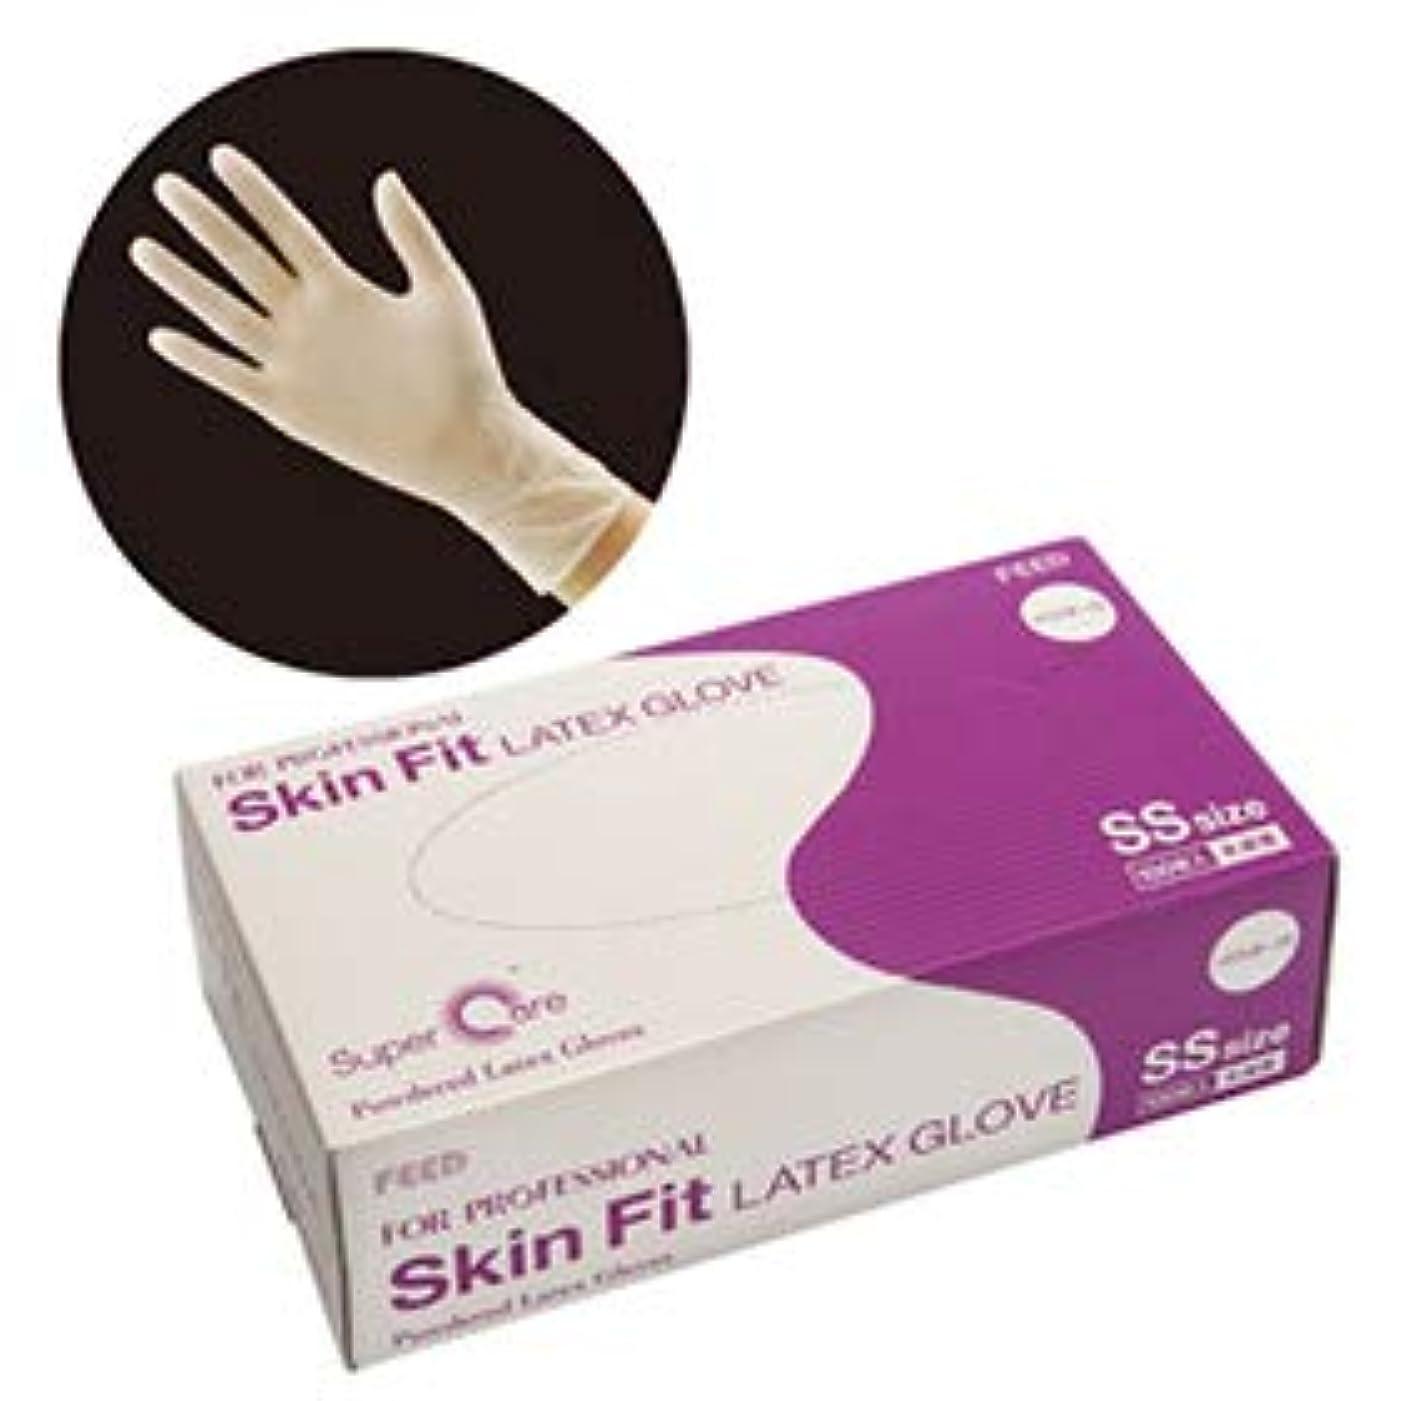 詩人減少のぞき穴FEED(フィード) Skin Fit ラテックスグローブ パウダー付 SS カートン(100枚入×10ケース) (作業用)